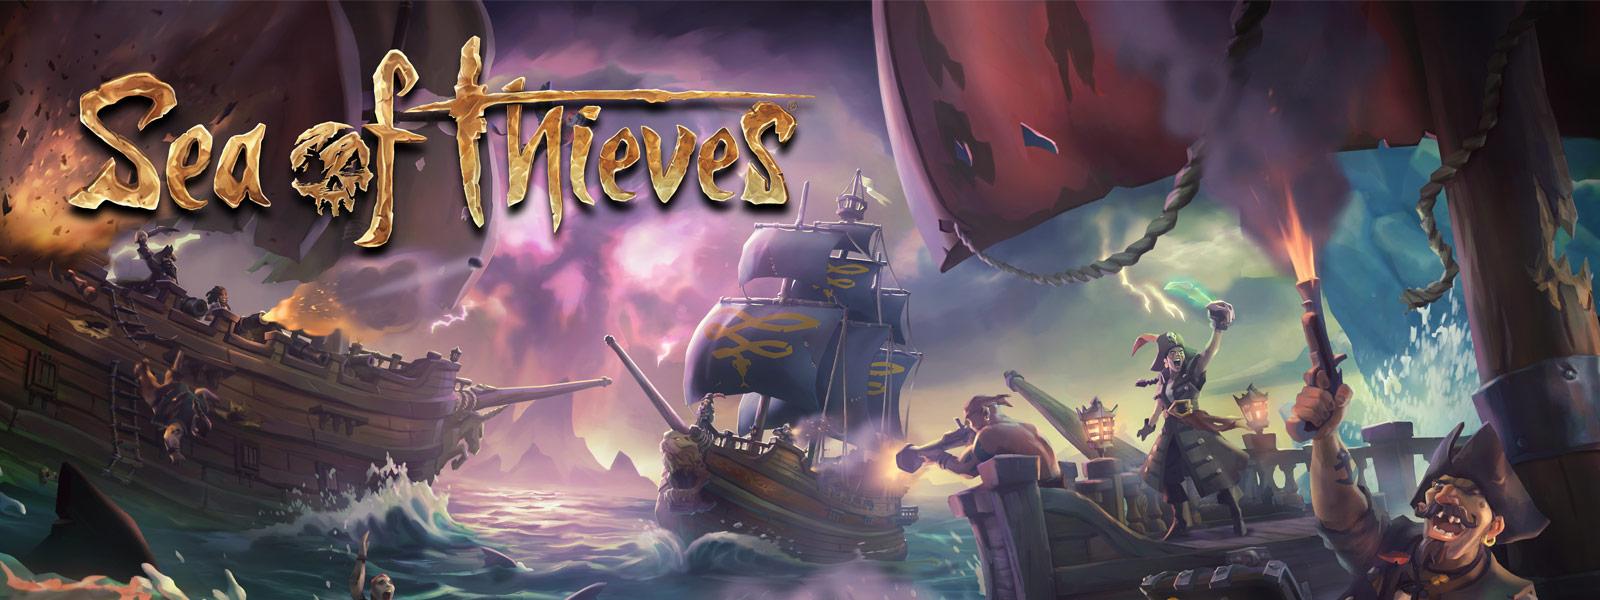 Sea of Thieves: barcos en batalla en el mar con un barco que dispara a otros barcos